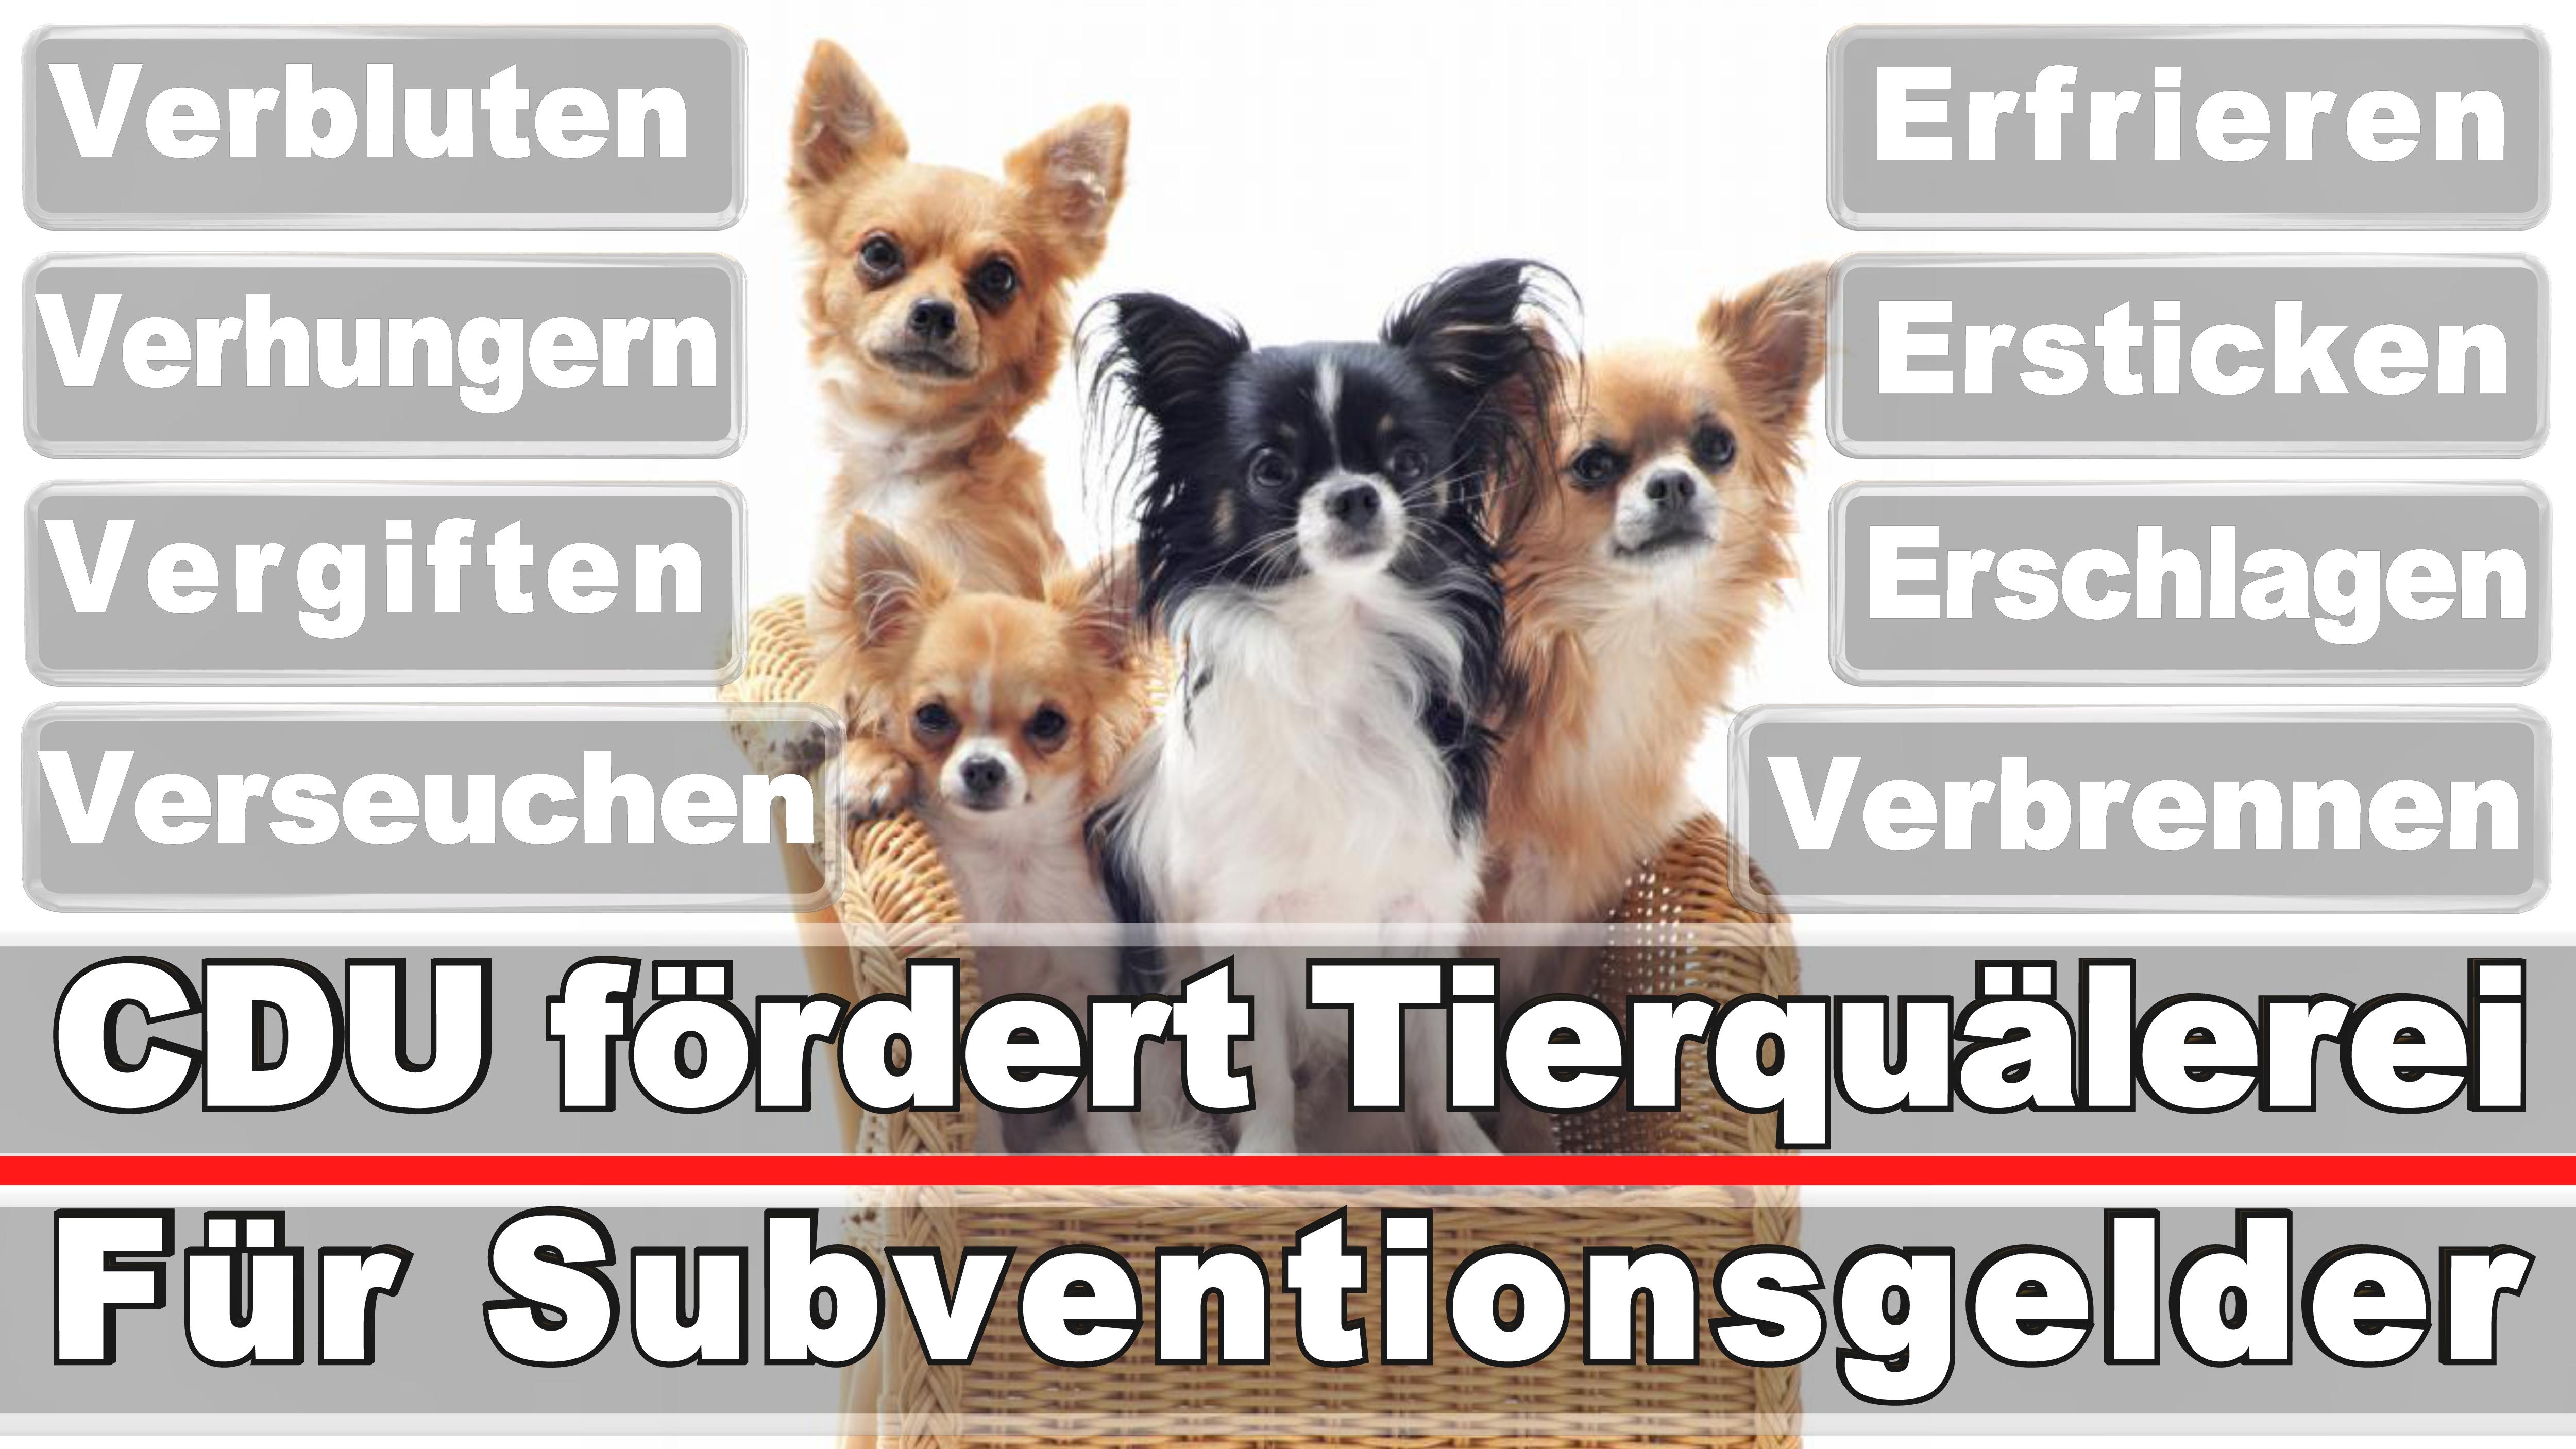 Landtagswahl-Bundestagswahl-CDU-SPD-FDP-AFD-Linke-Piraten (29)